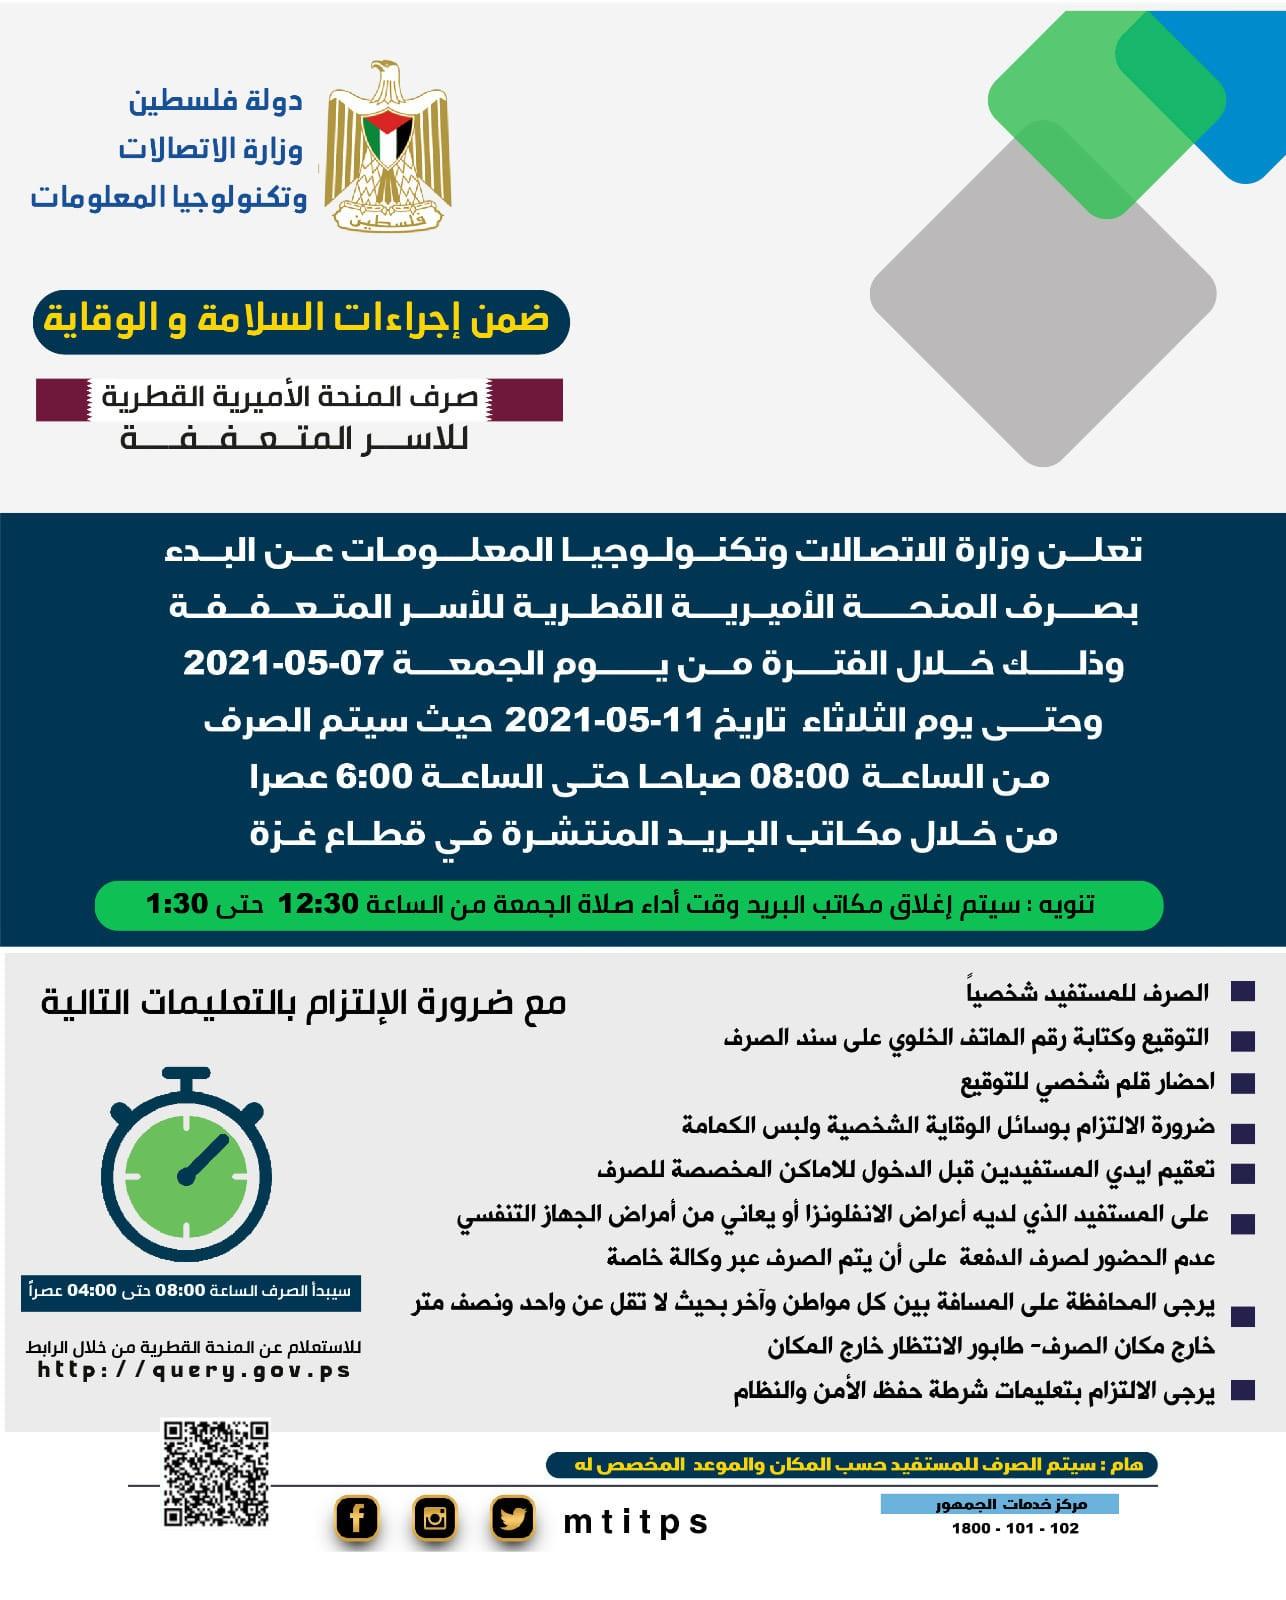 إعلان للمستفيدين من المنحة الأميرية القطرية للأسر المتعففة